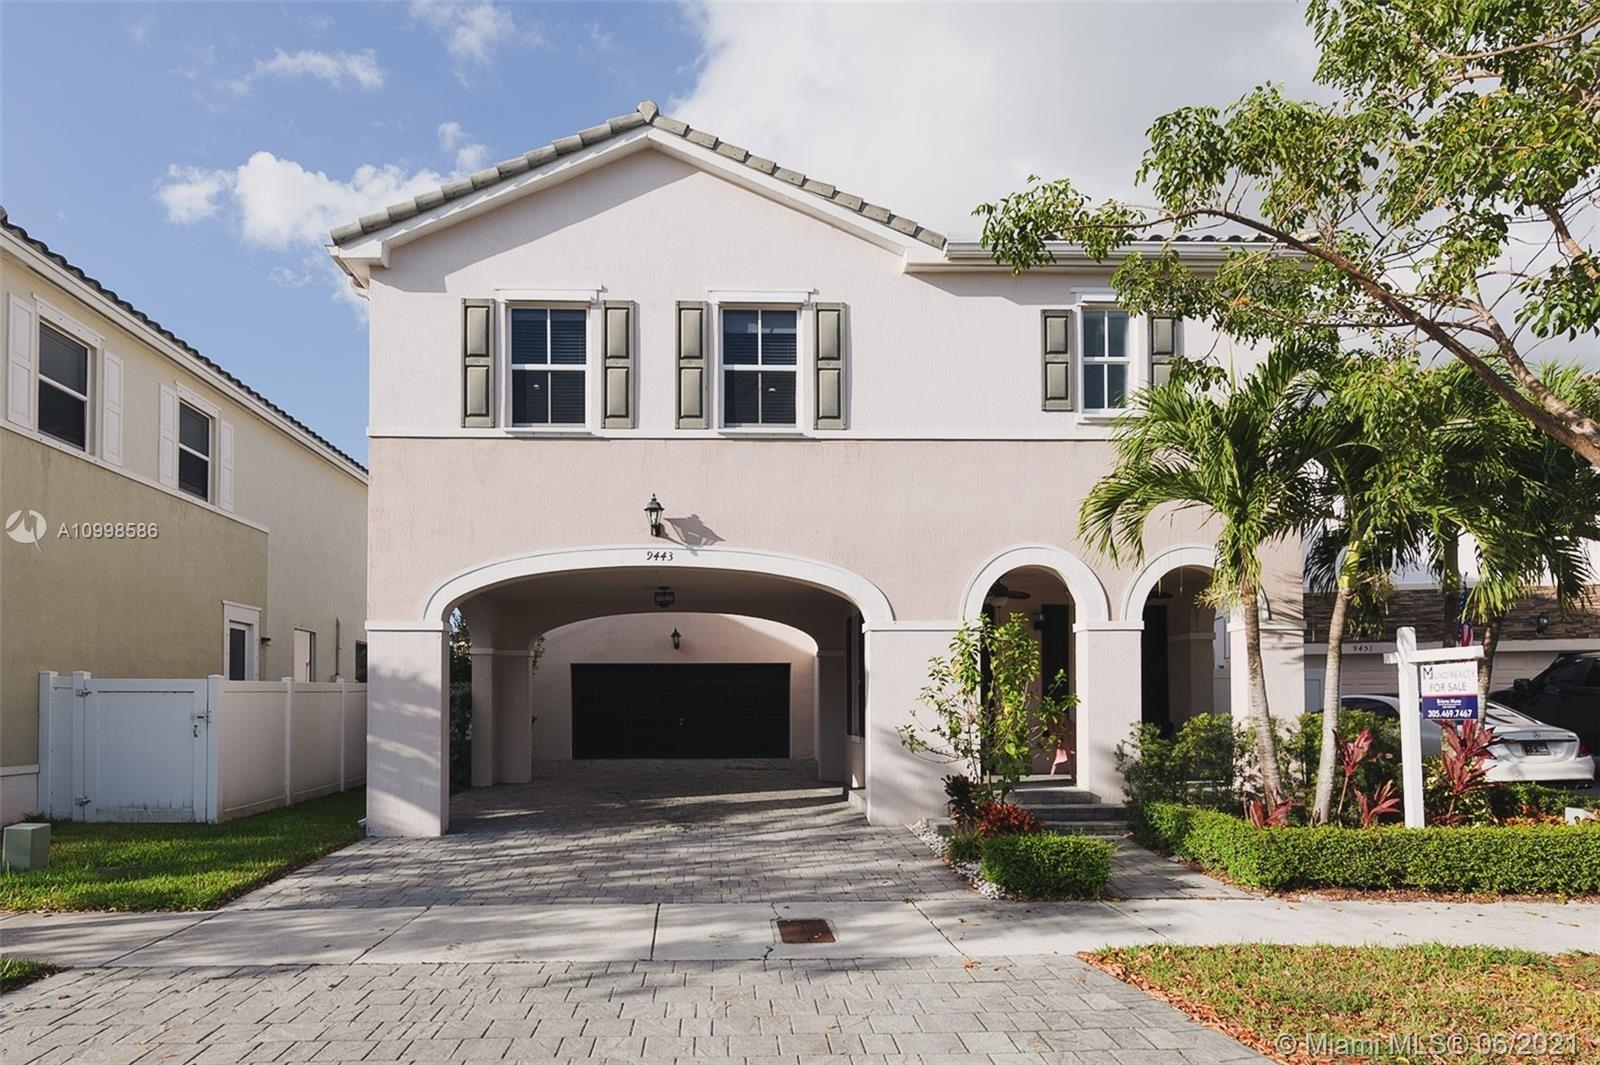 9443 SW 170th Path, Miami, FL 33196 - #: A10998586